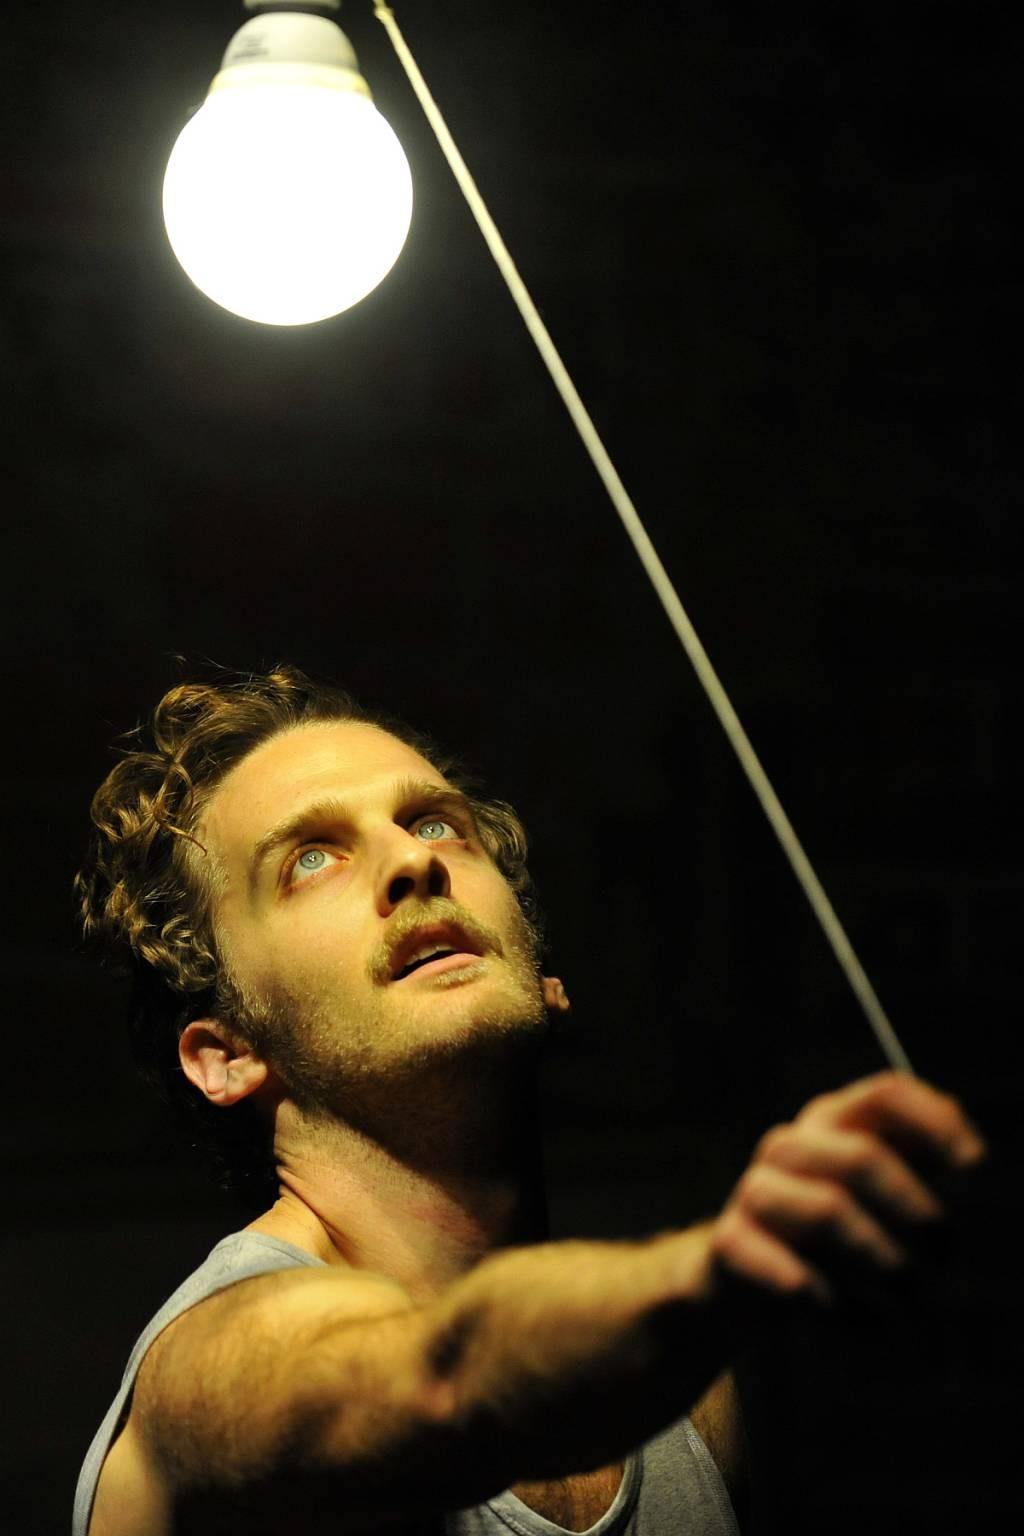 Najlepší herec roku 2012 vystúpi v Žiline